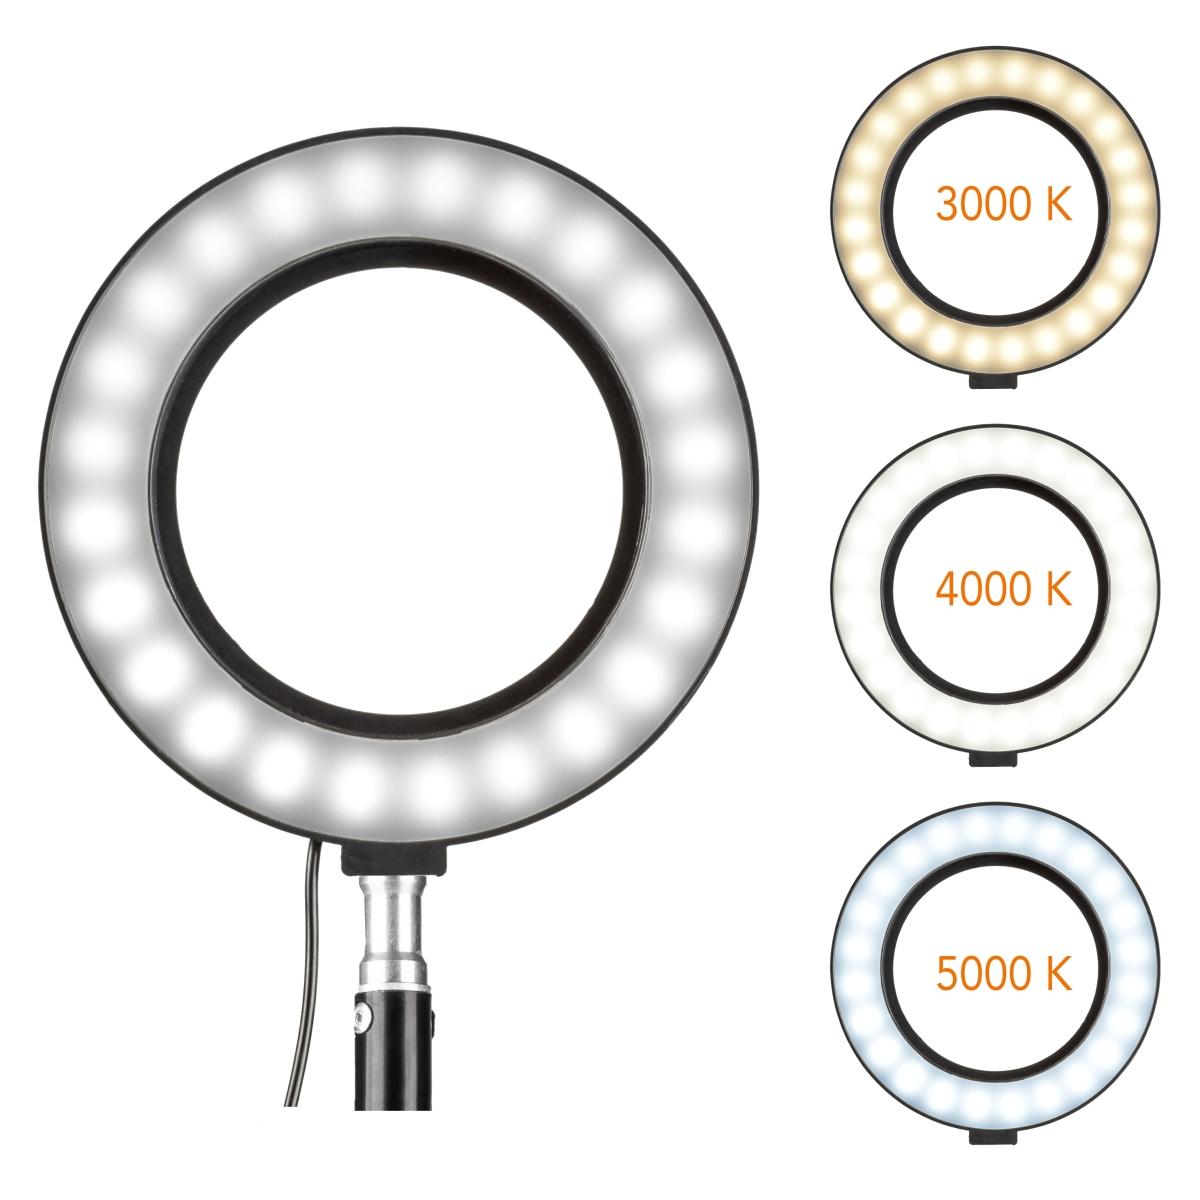 Barevná teplota kruhového osvětlení lze nastavit ve 3 stupních mezi 3 000 K (umělé světlo) a 5 000 K (denní světlo).